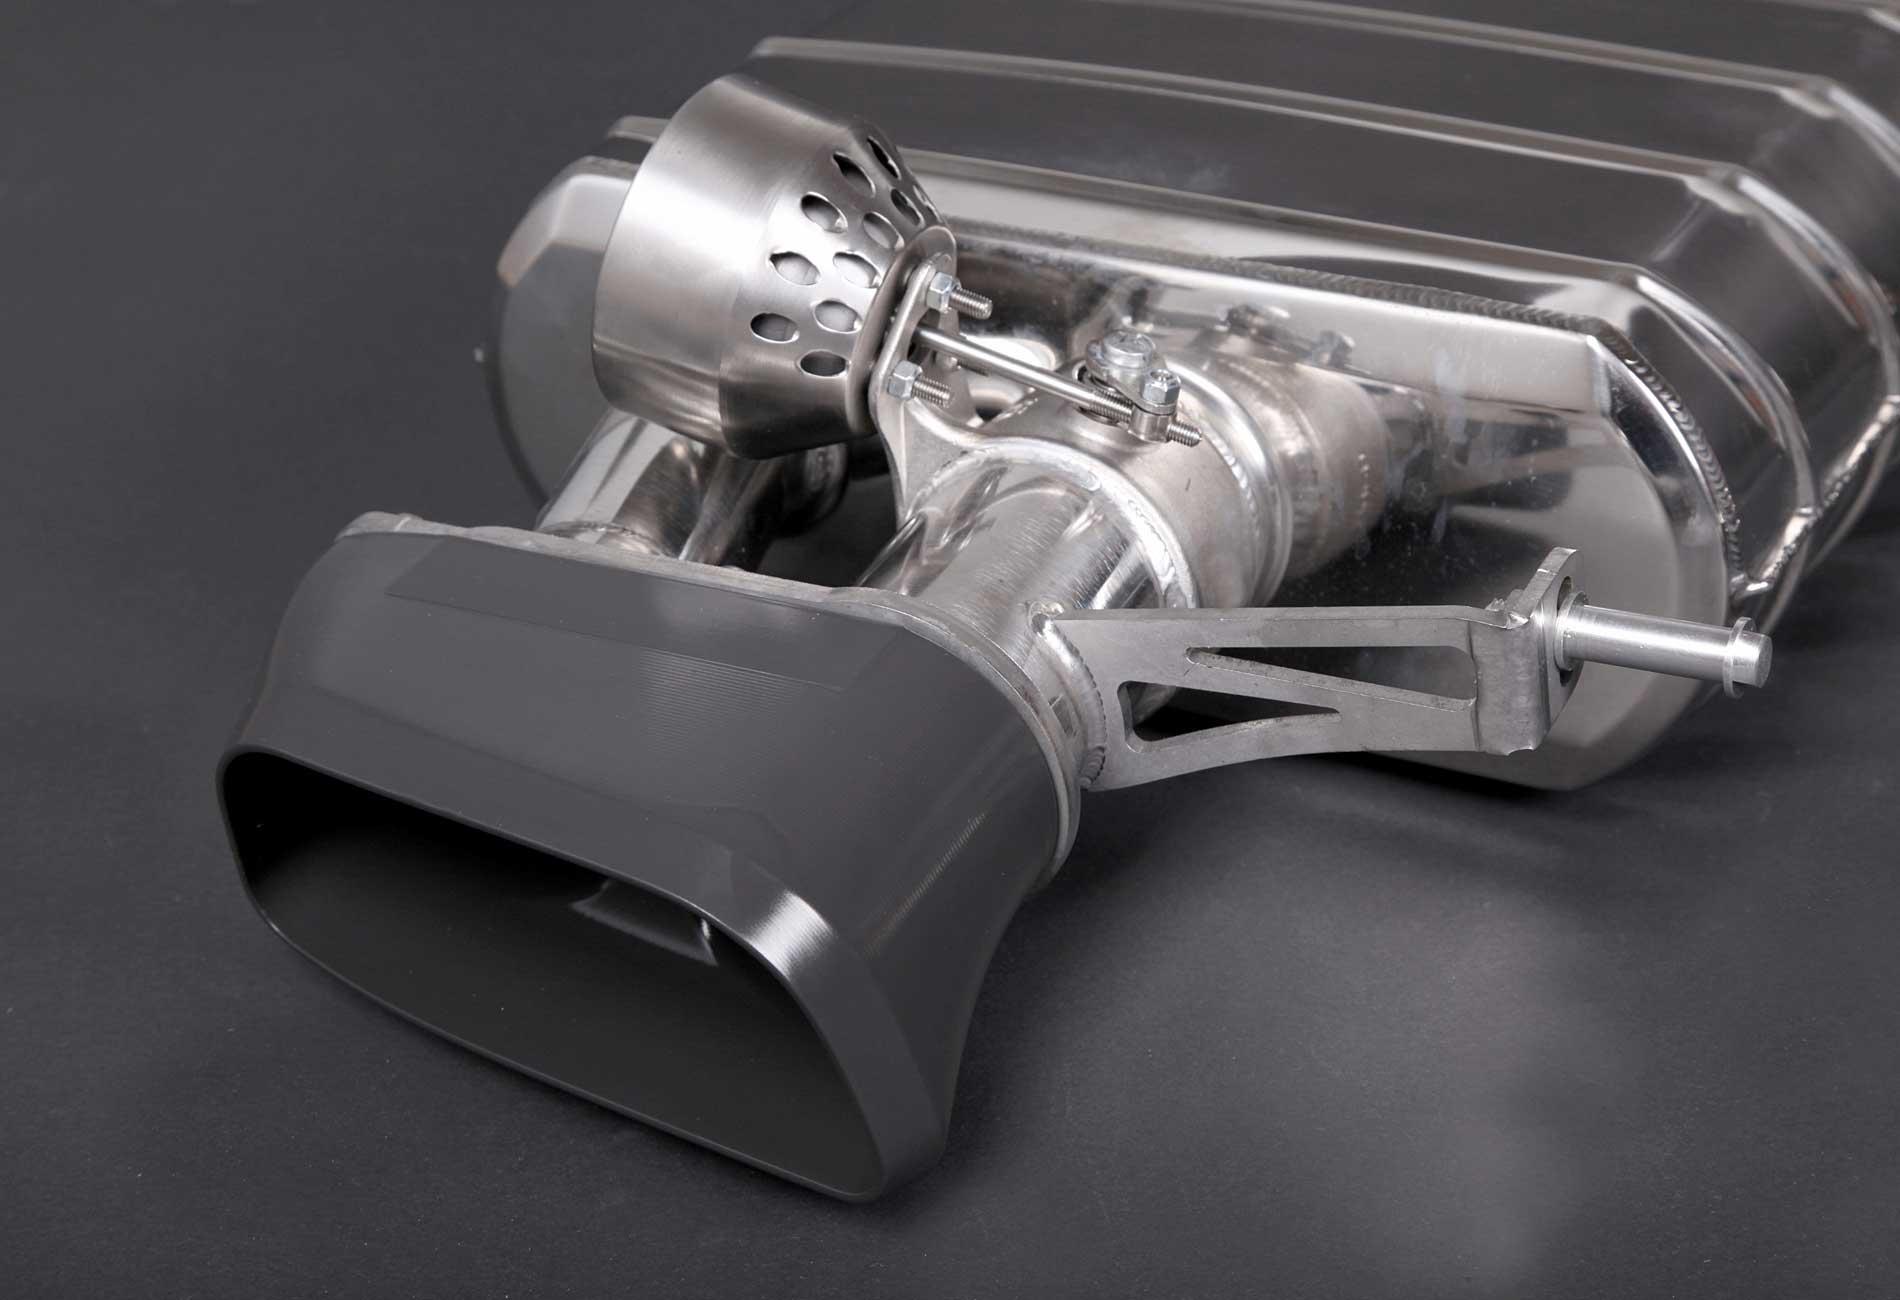 BMW 650i Auspuffanlage mit Klappensteuerung